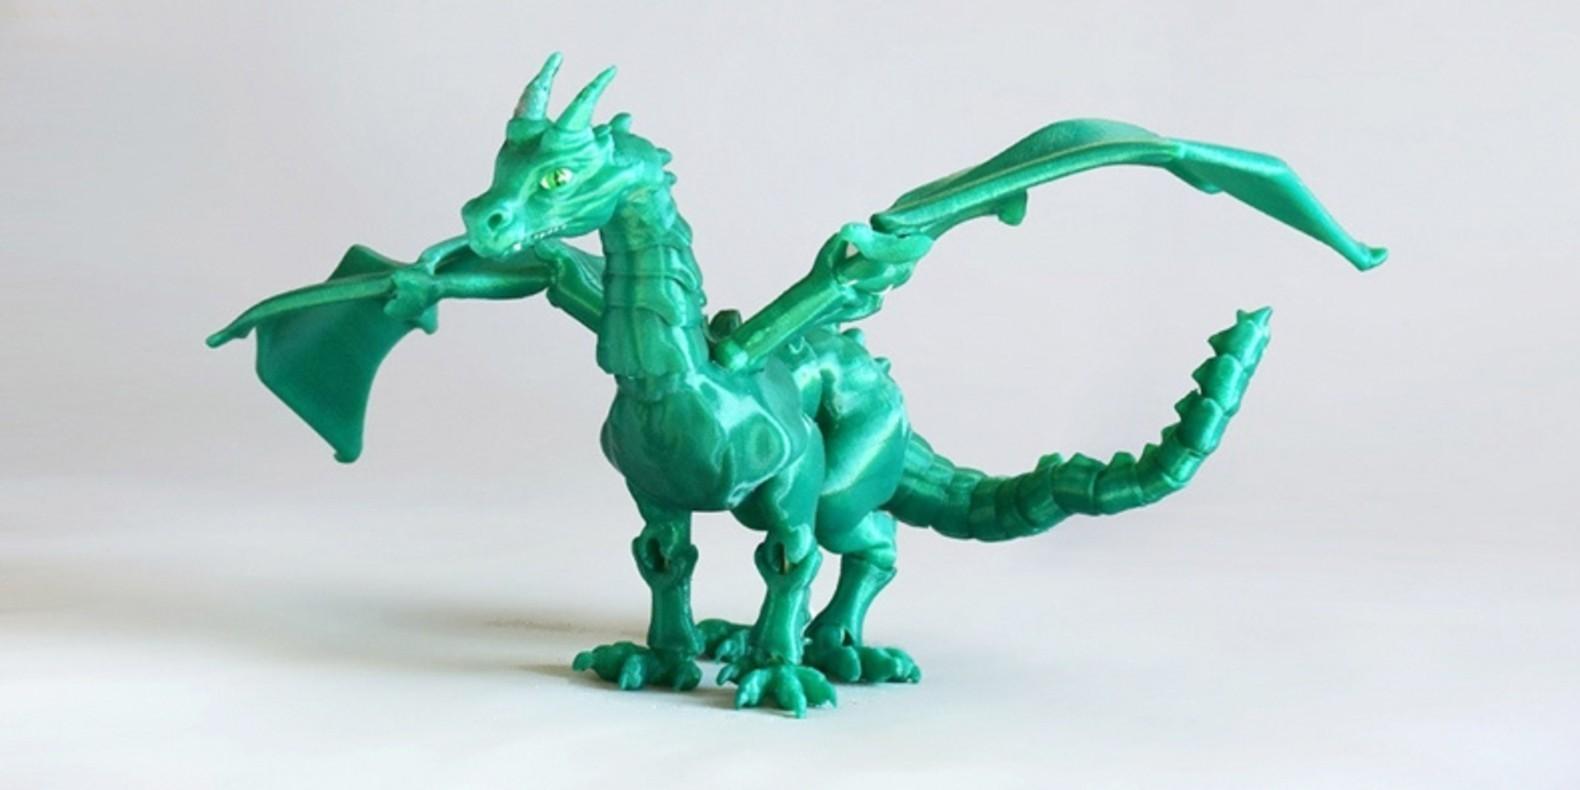 Retrouvez ici une sélection des meilleurs modèles 3D de dragons imprimables en 3D